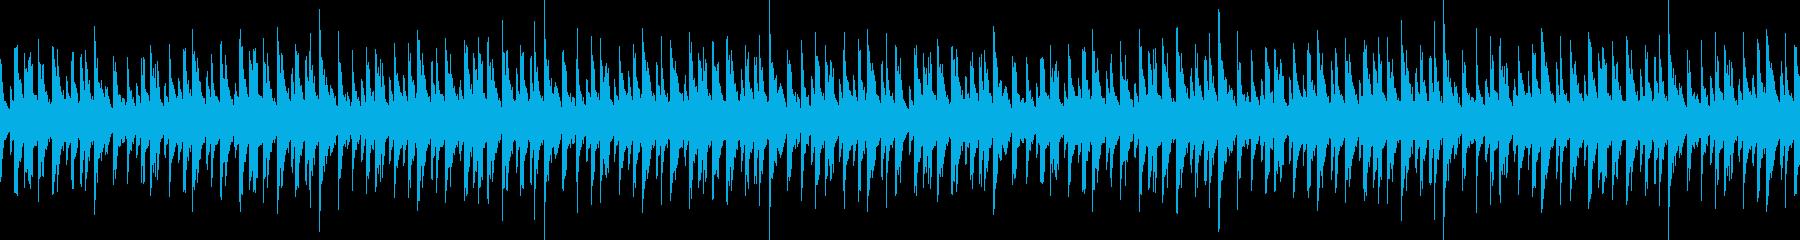 【お化け・妖怪ドロドロ】の再生済みの波形